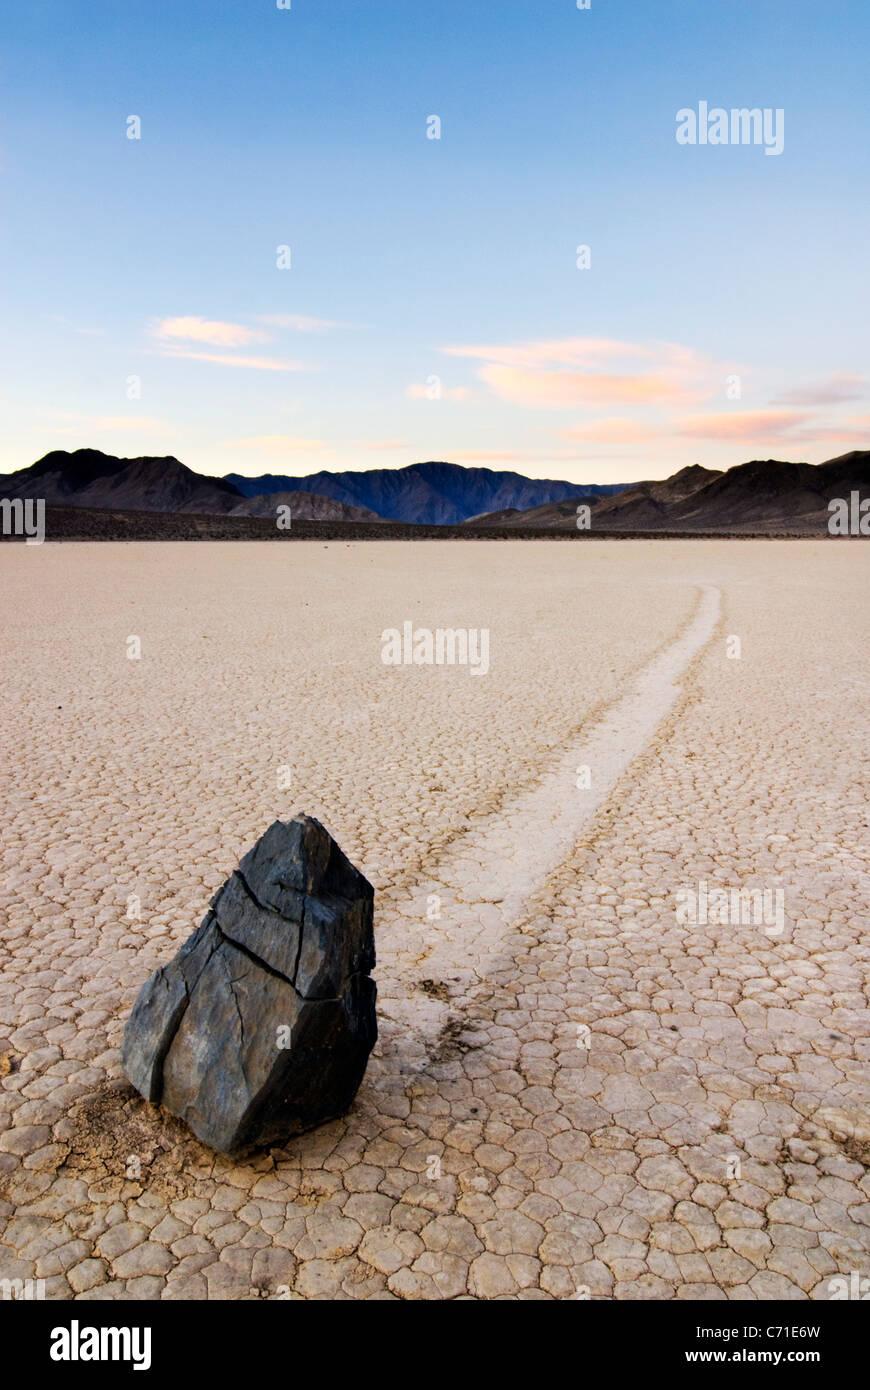 Ein Fels hinterlässt eine Spur von seiner Bewegung über die Rennstrecke im Death Valley National Park Stockbild